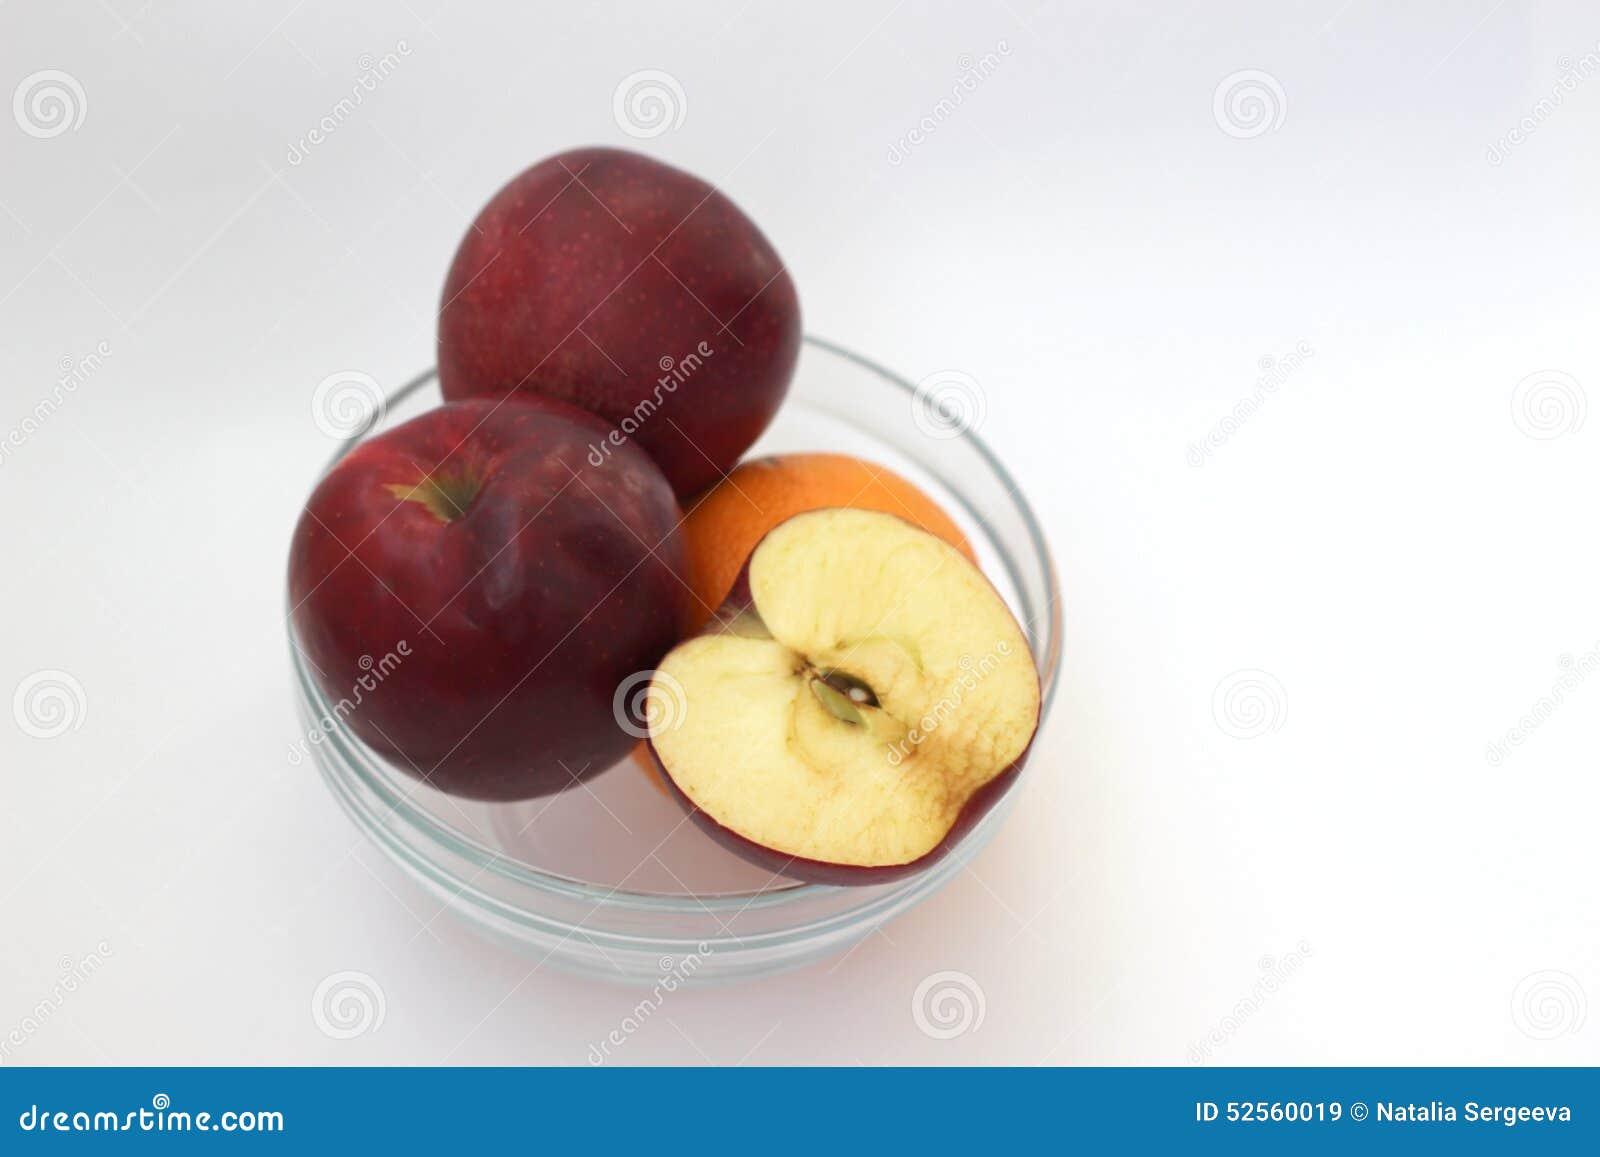 Äpfel und Orange im Vase